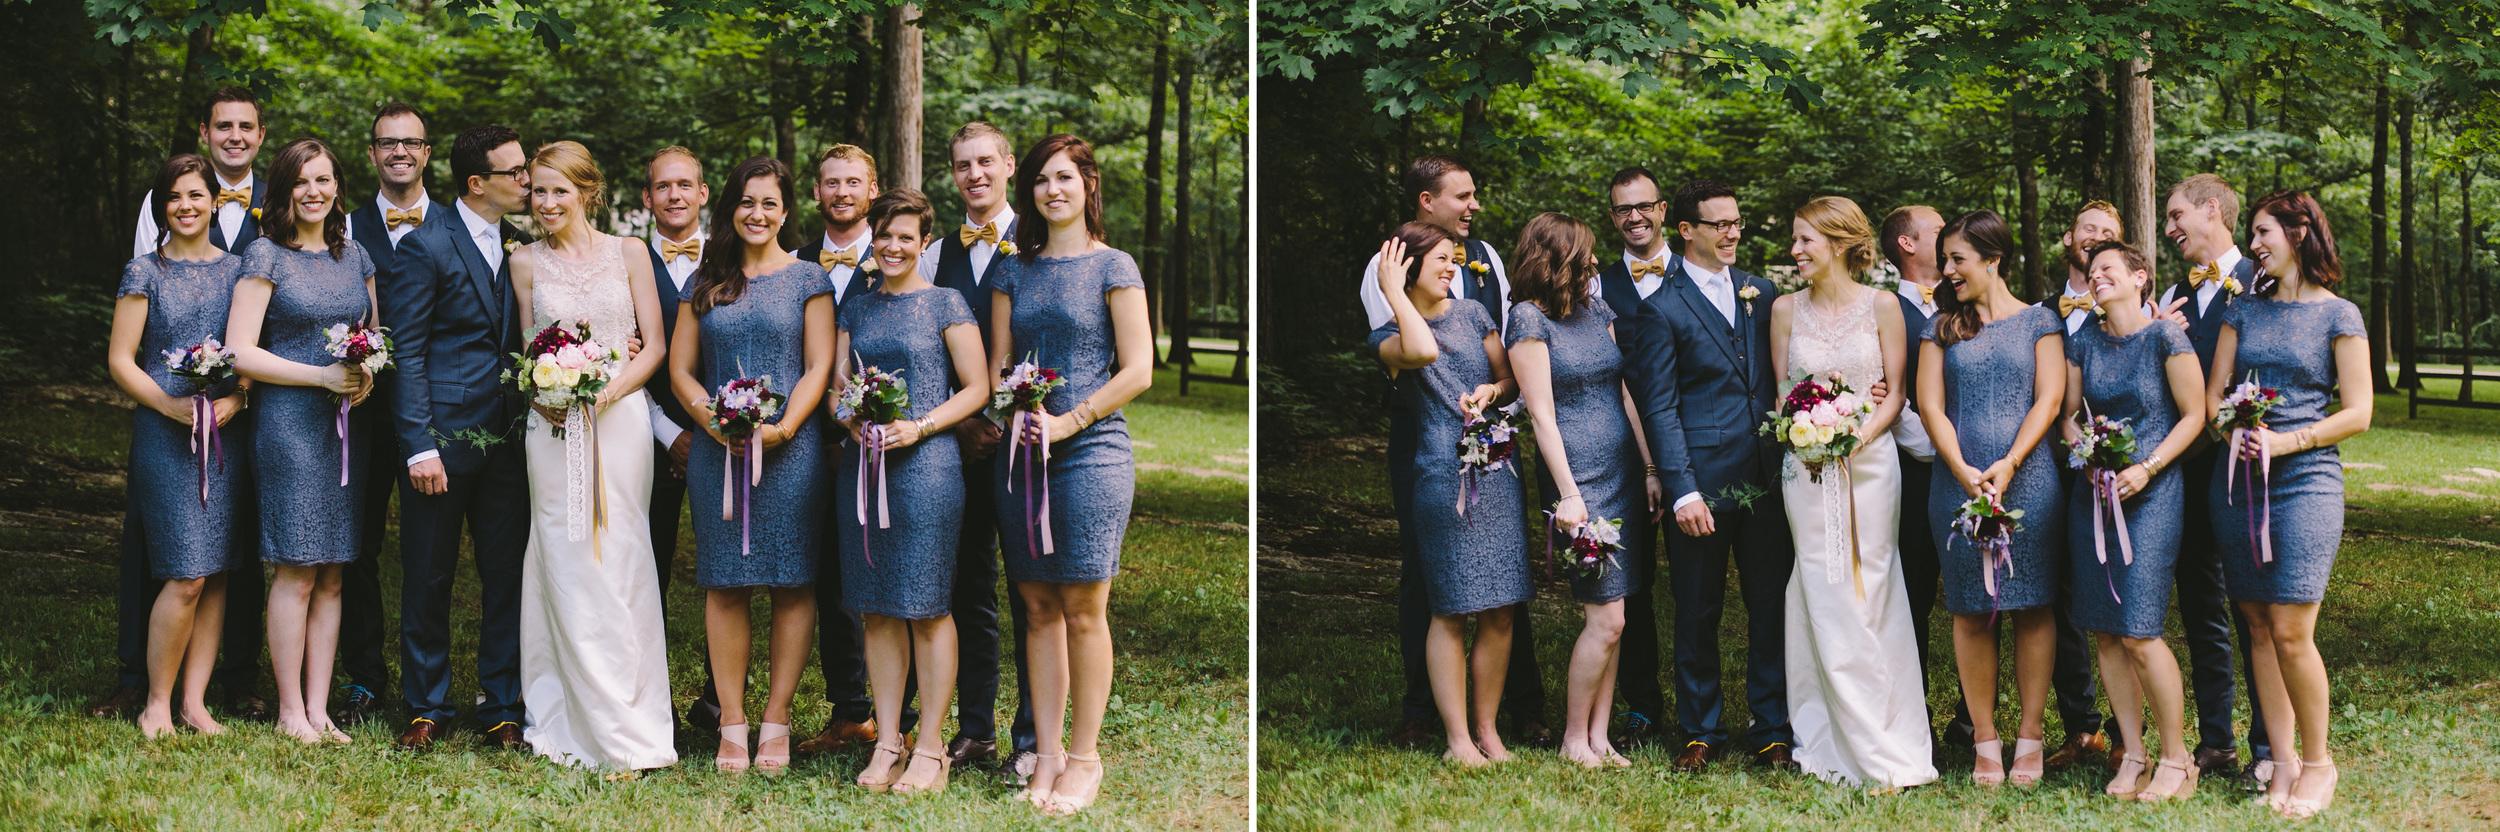 Laura + Mark Wedding Nashville Wedding Photographer Photography Anthology-60 copy.jpg